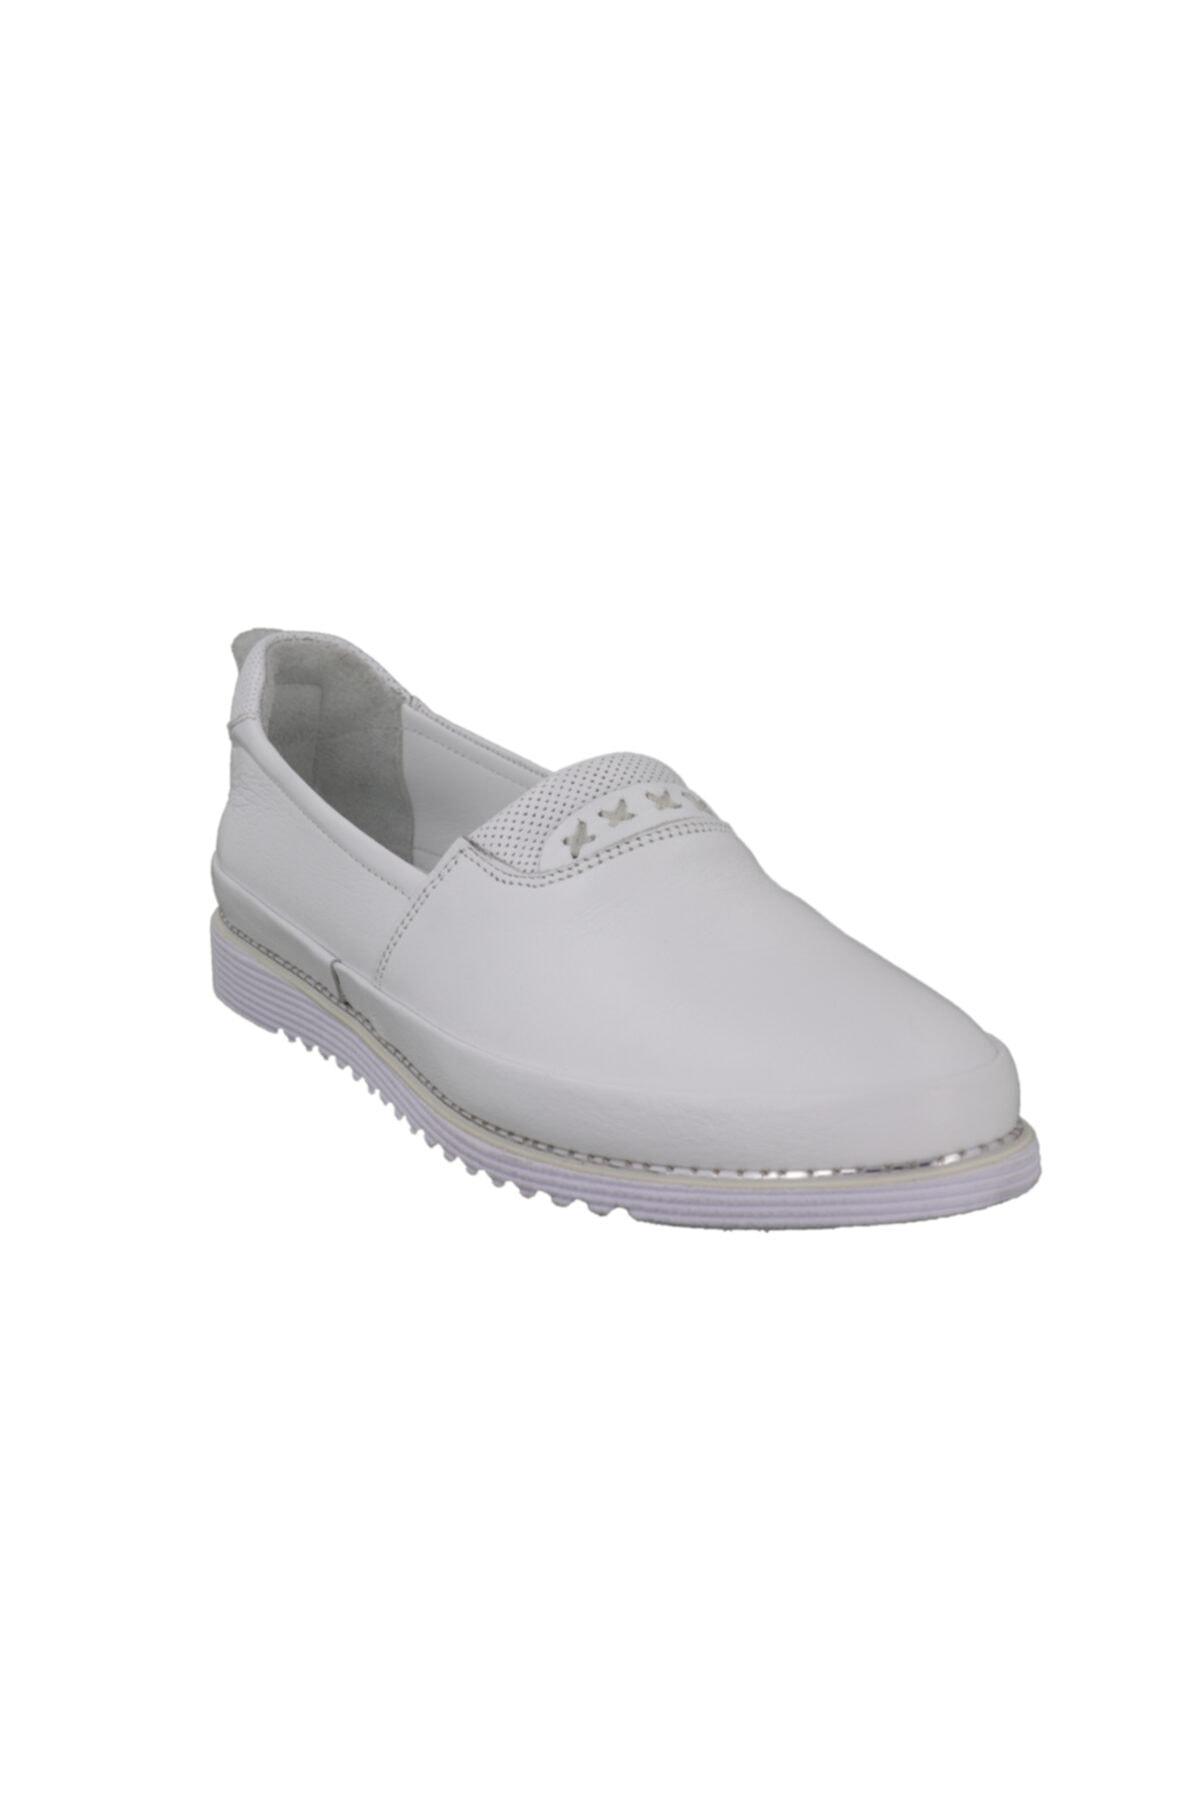 Hobby Divadonna Beyaz Deri Günlük Kadın Ayakkabı 8672 2